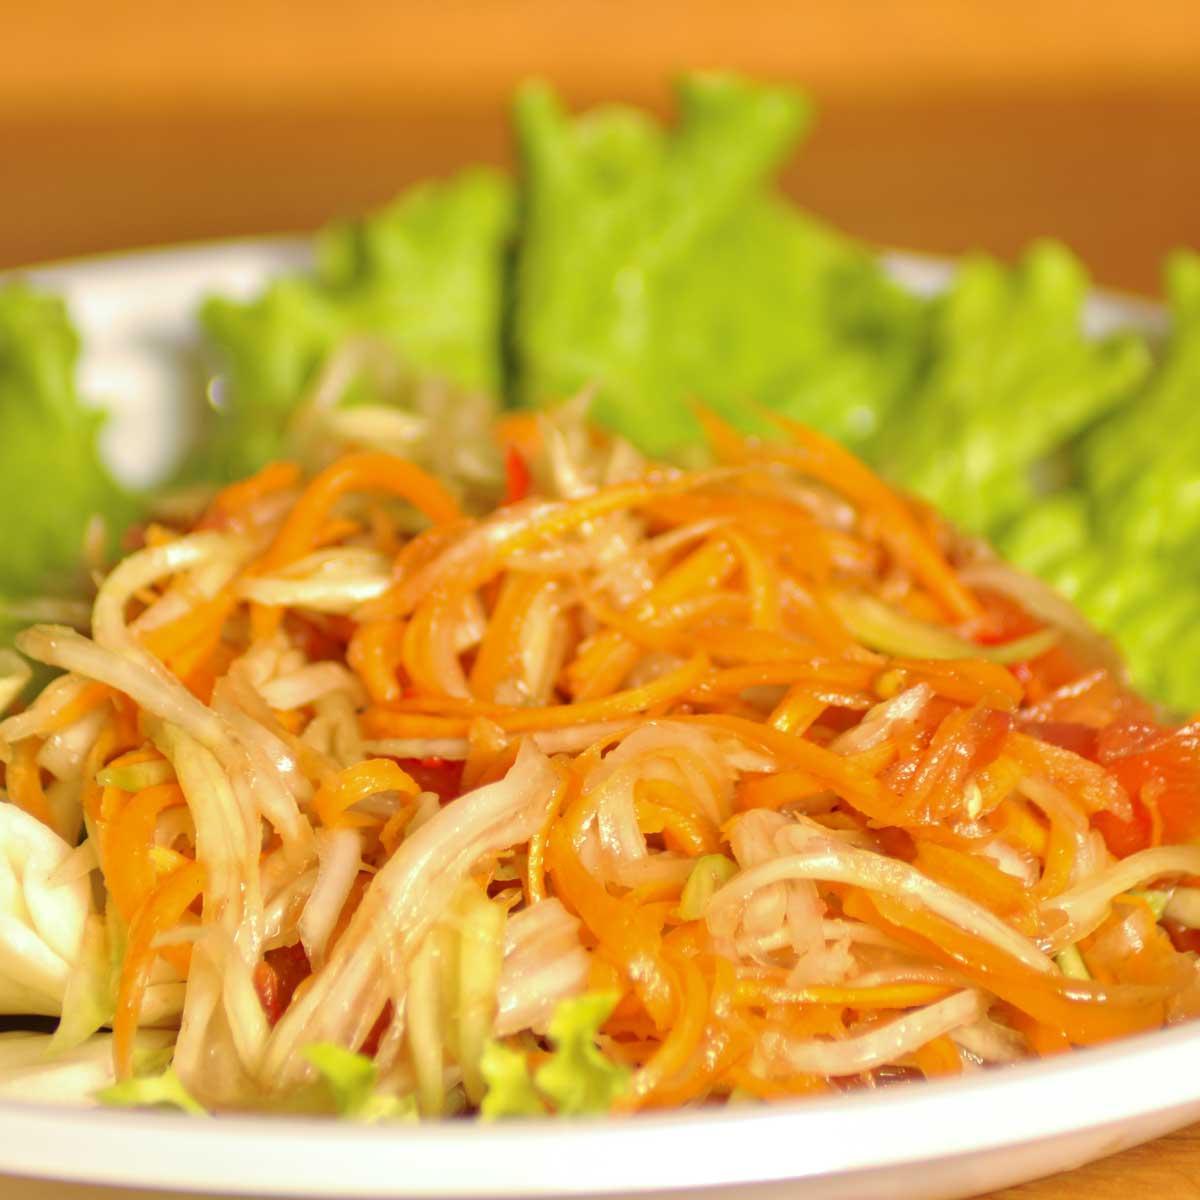 Recette salade tha landaise de papaye verte cuisine - Cuisine thailandaise recette ...